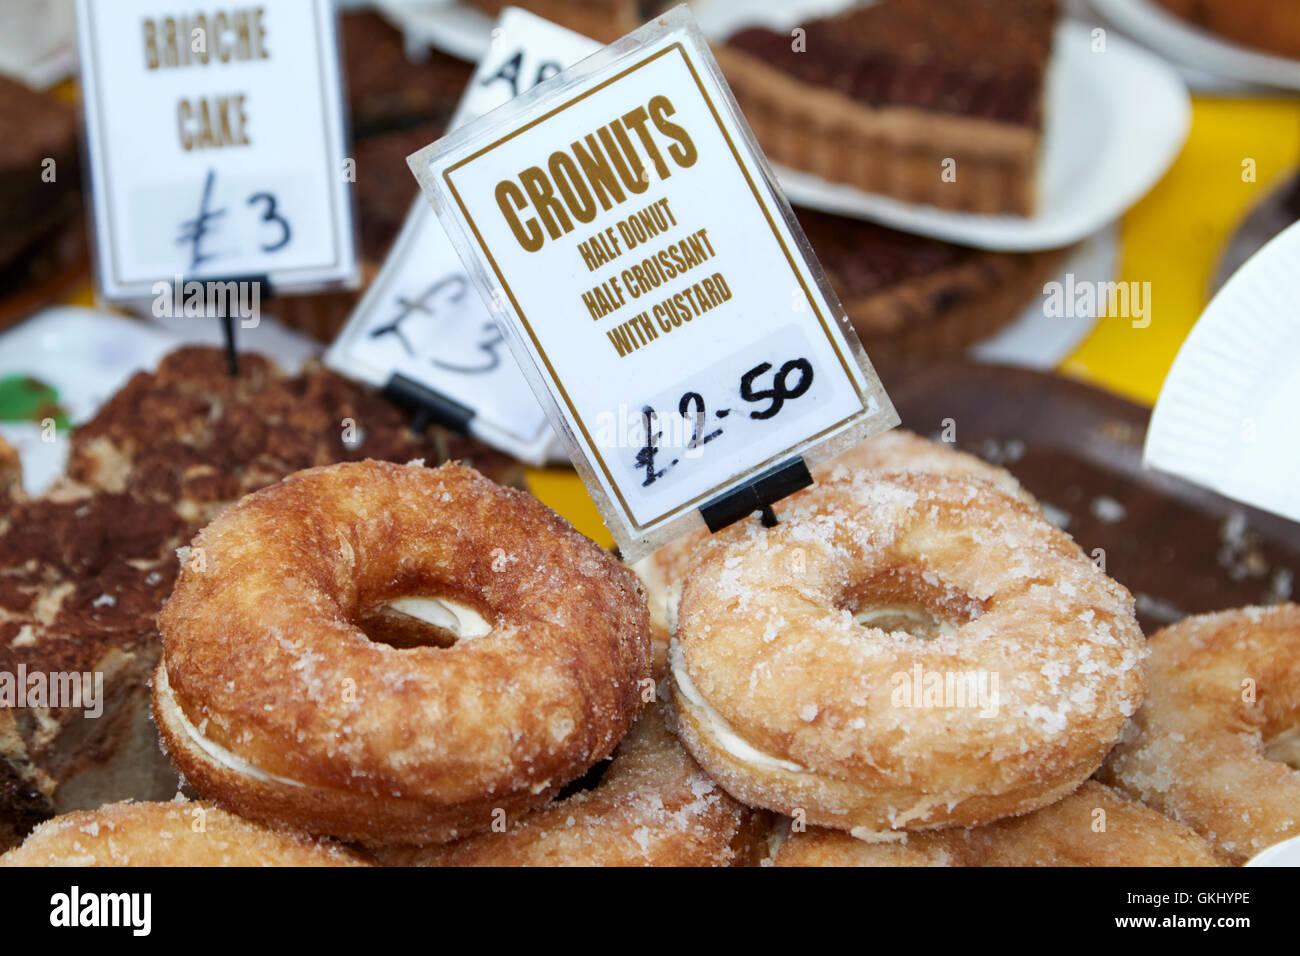 Cronuts donut moitié moitié croissant pastry Photo Stock